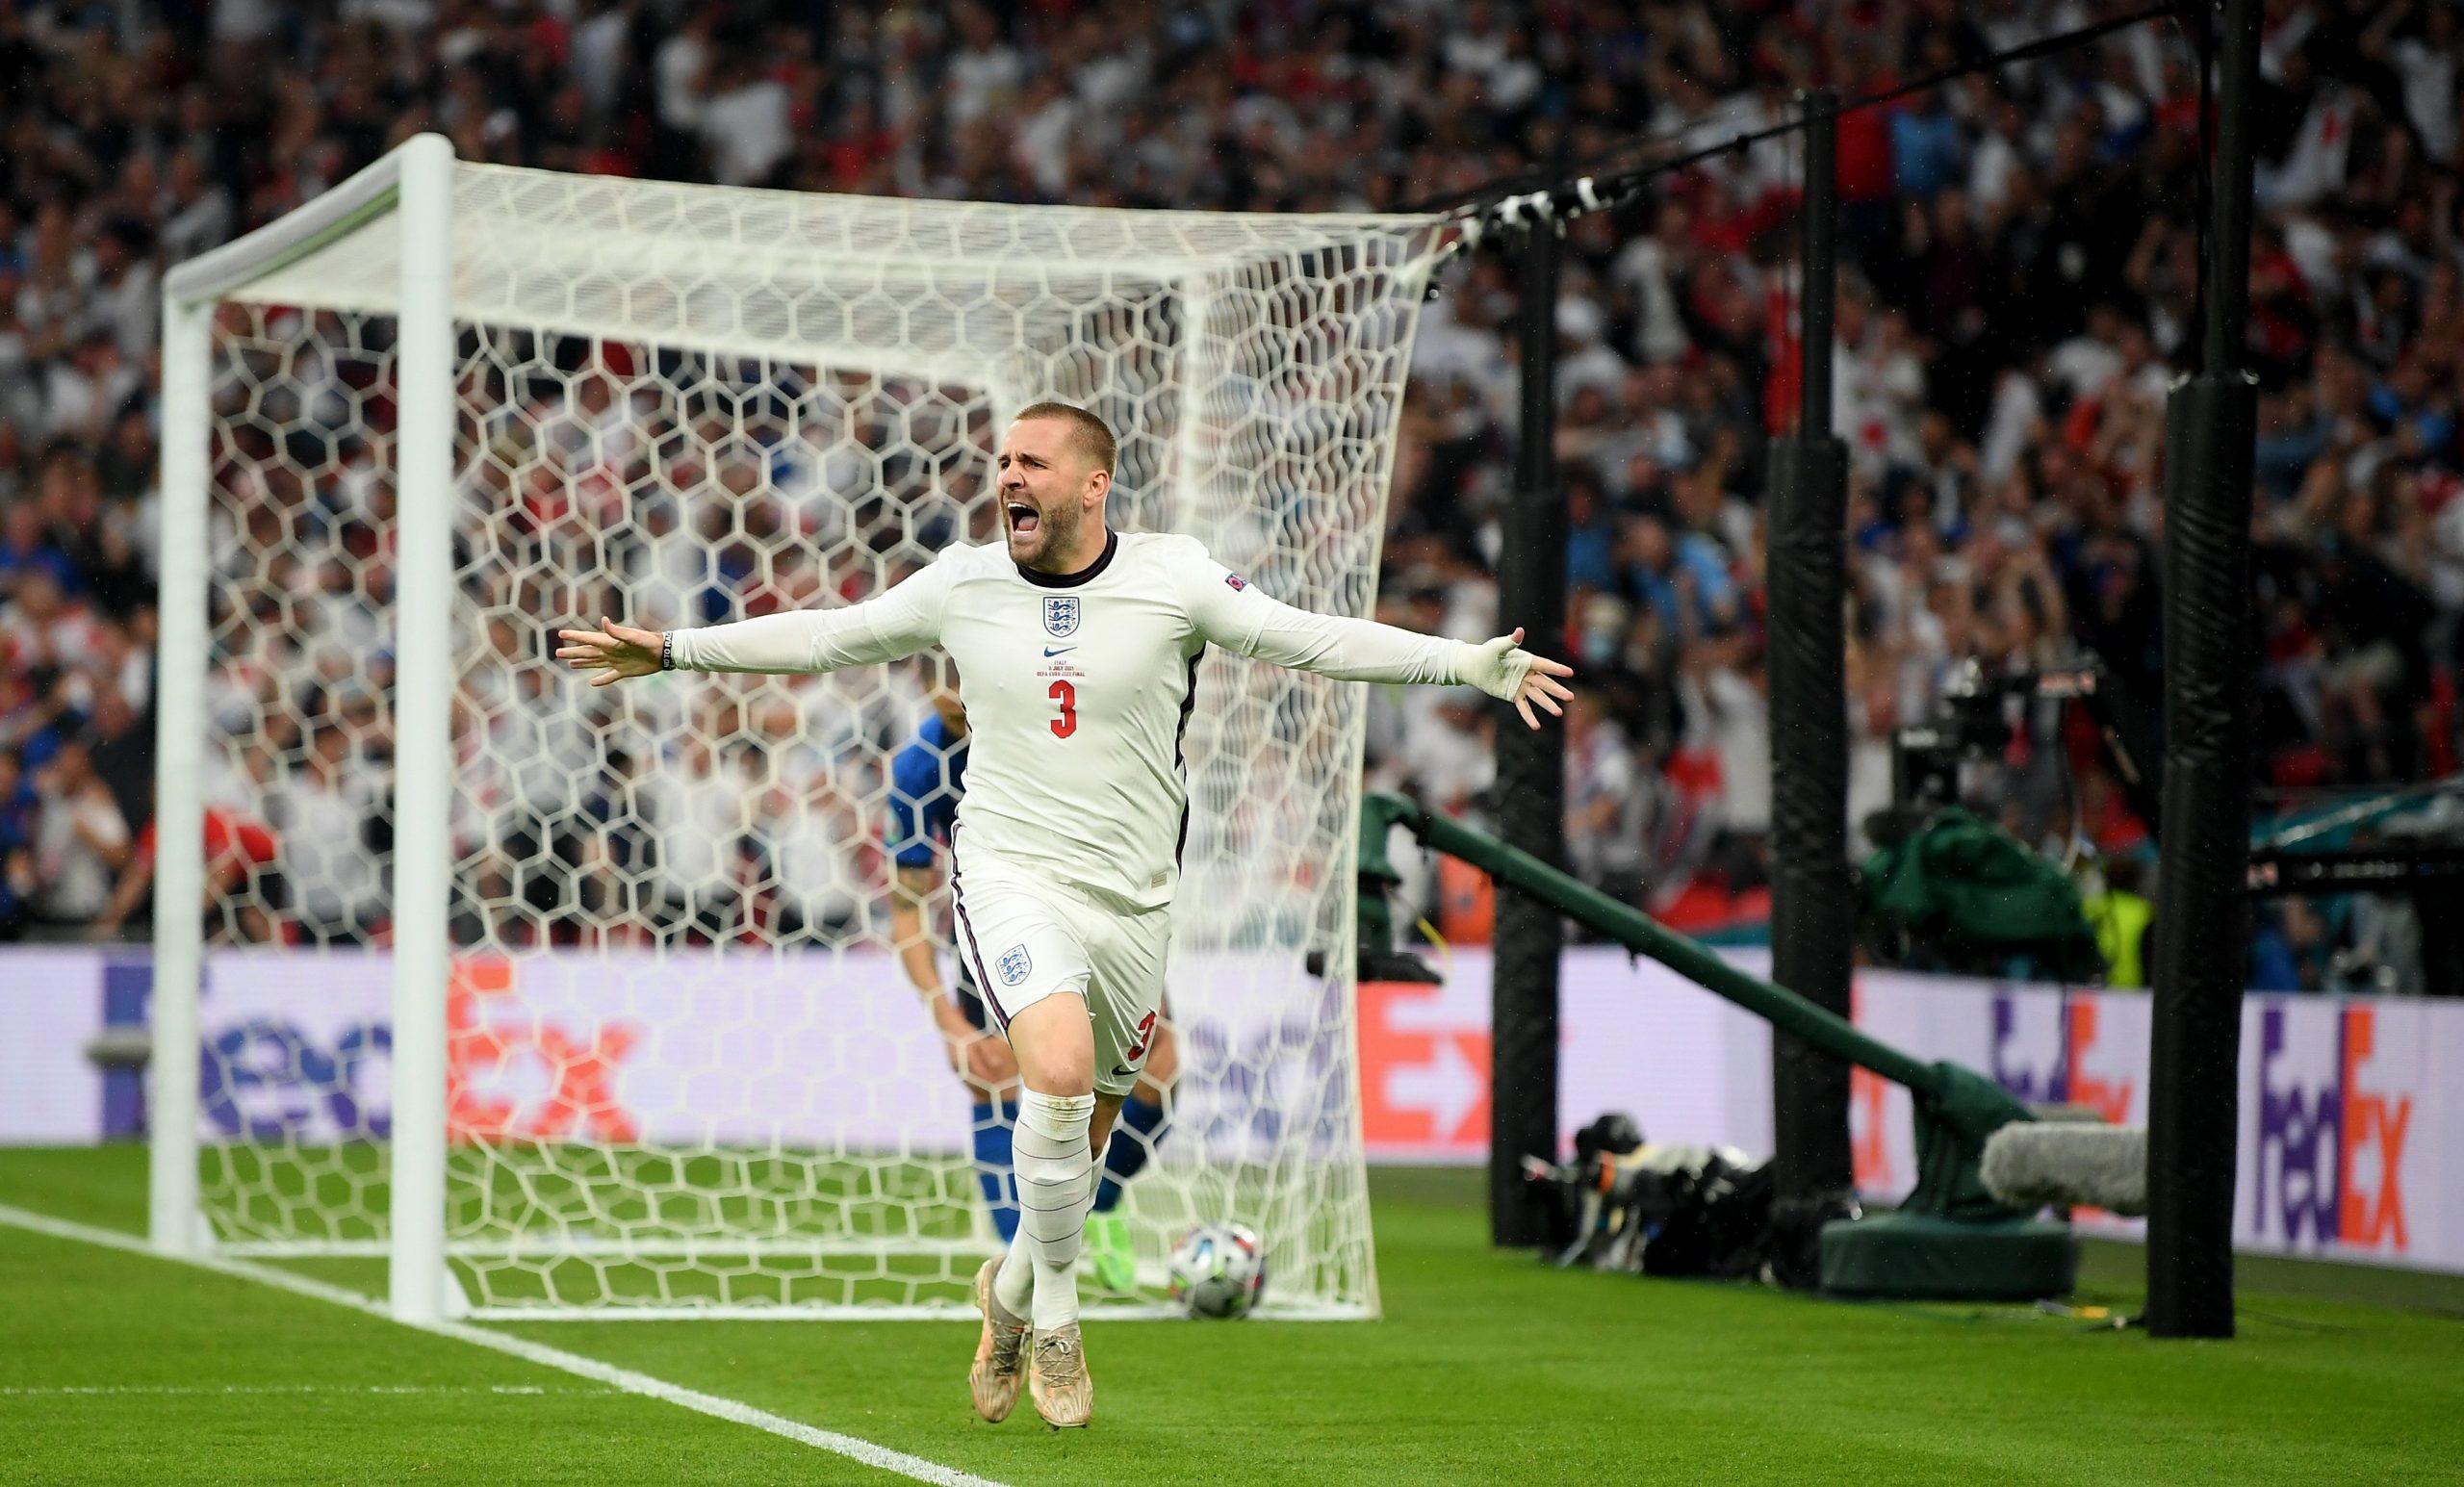 Bàn thắng tạo cách biệt tỉ số là pha ghi bàn đầu tiên của Luke Shaw tại Euro 2020